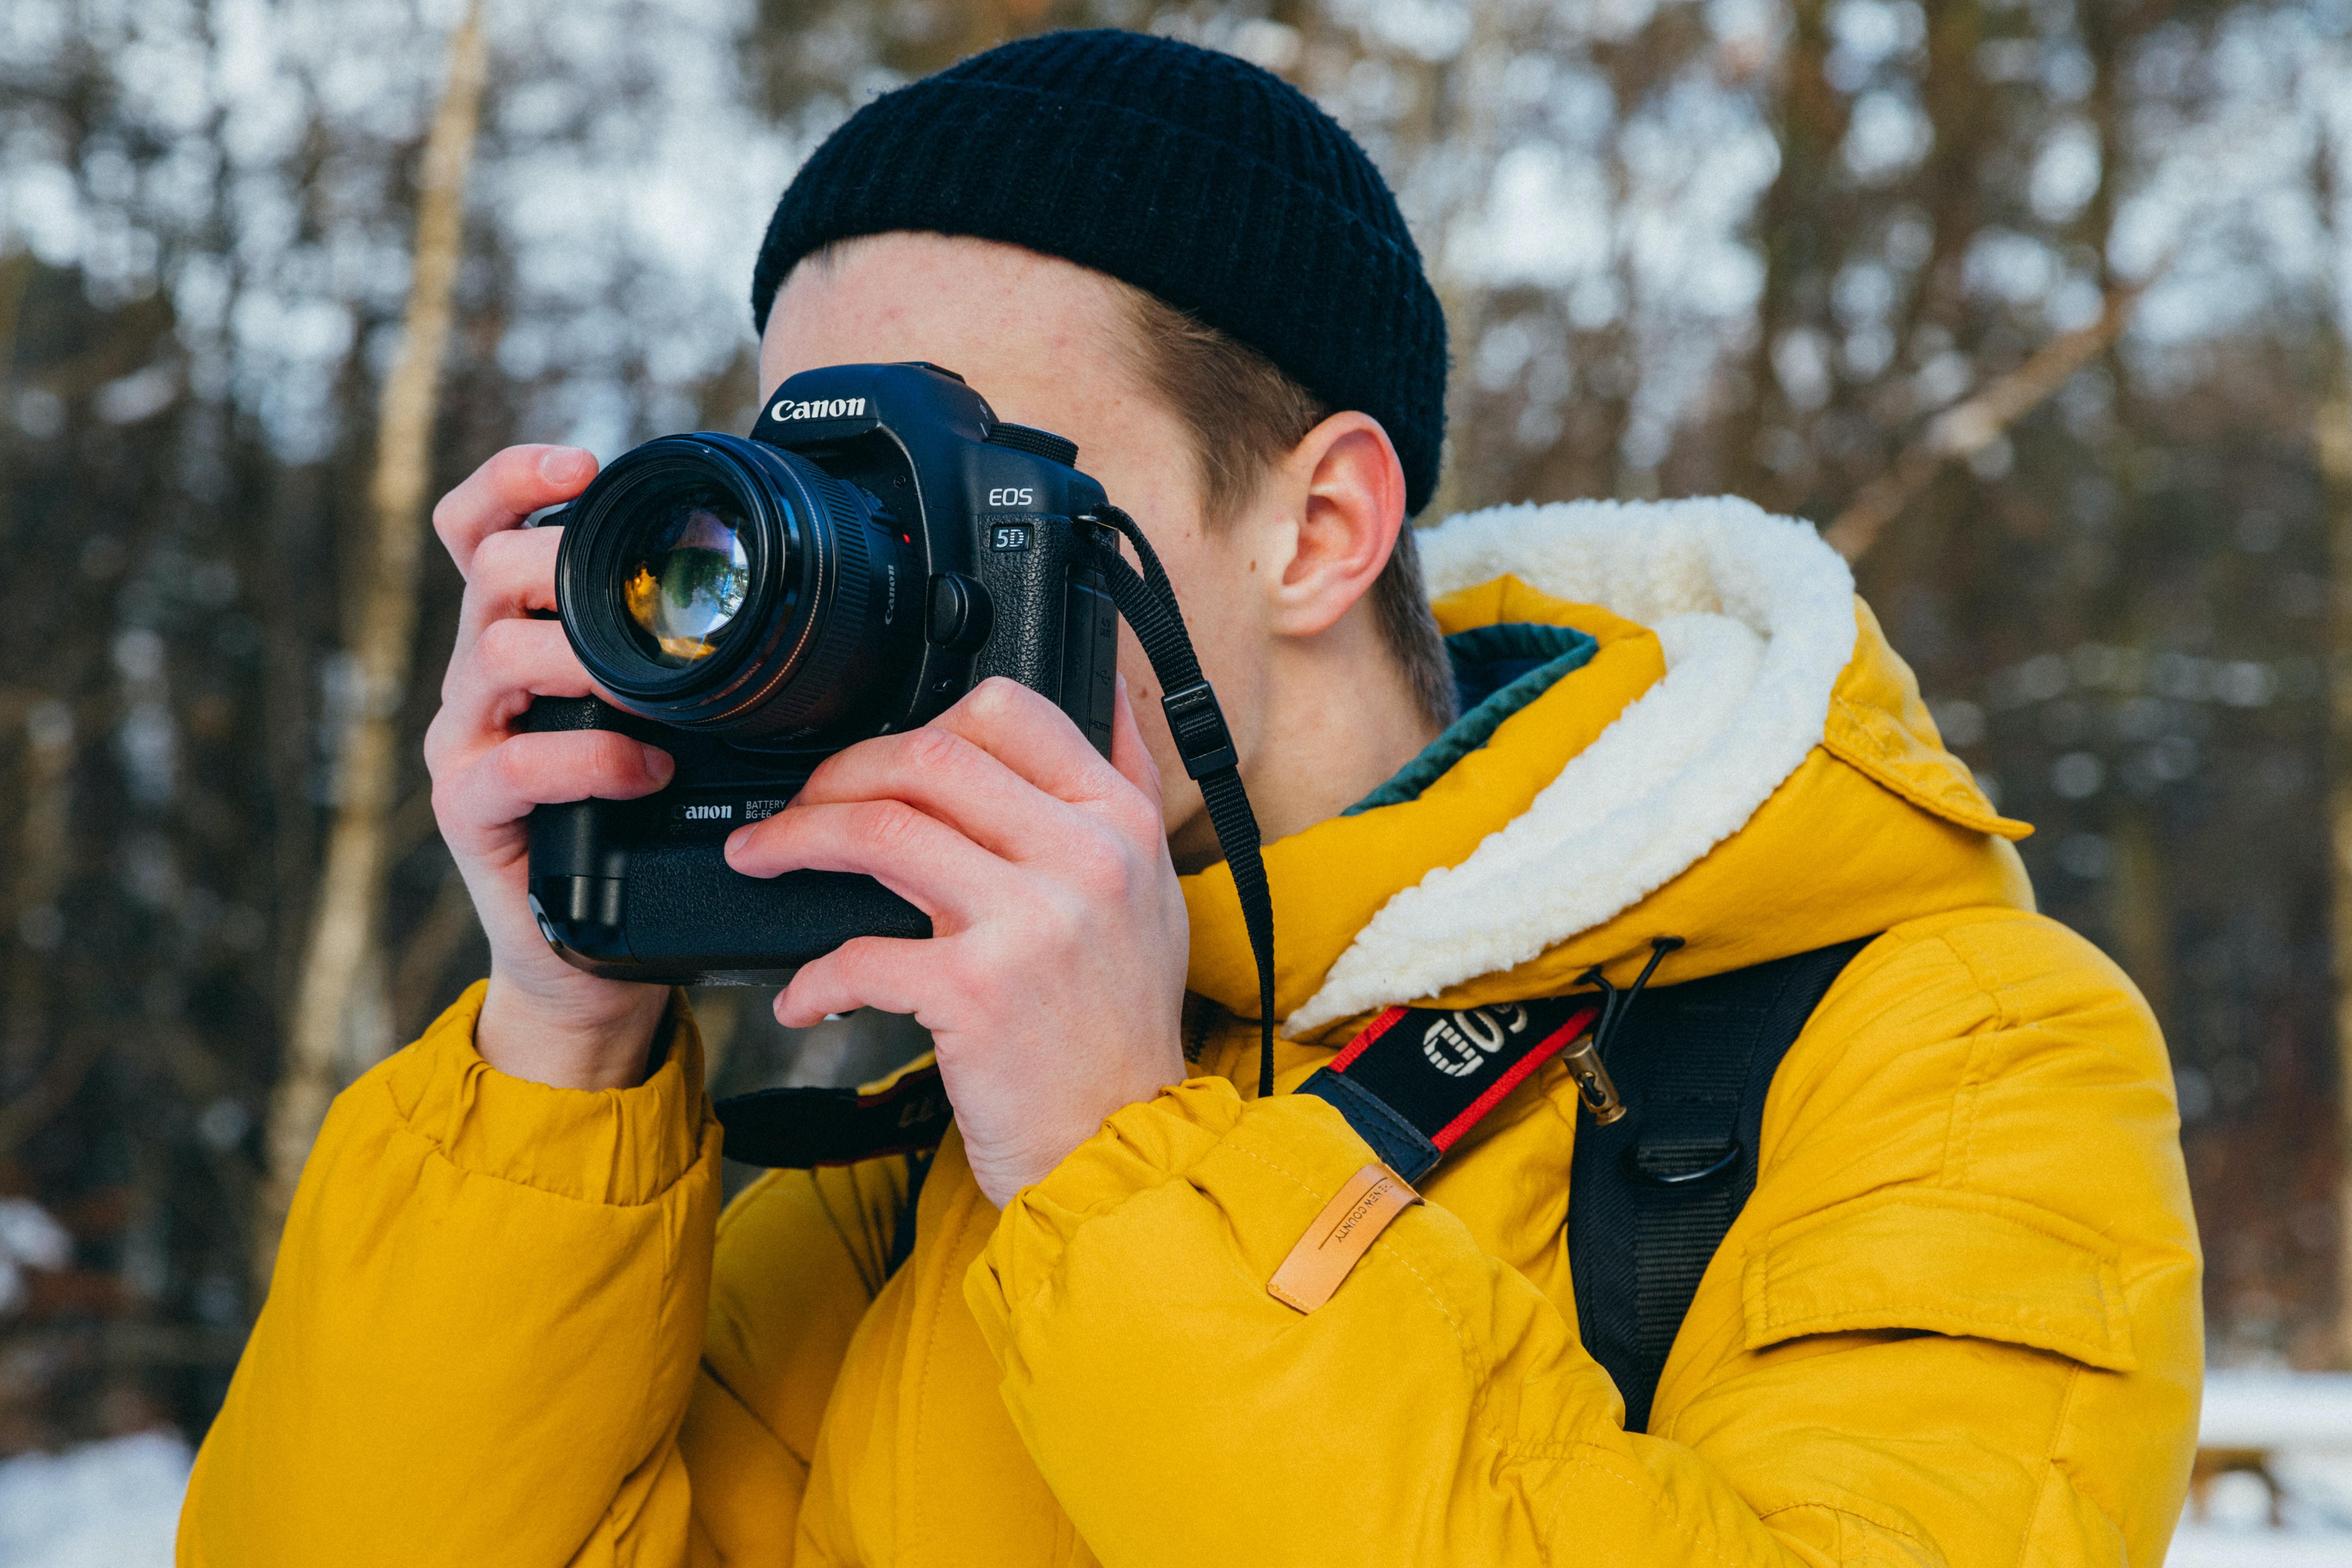 man using black Canon DSLR camera during daytime